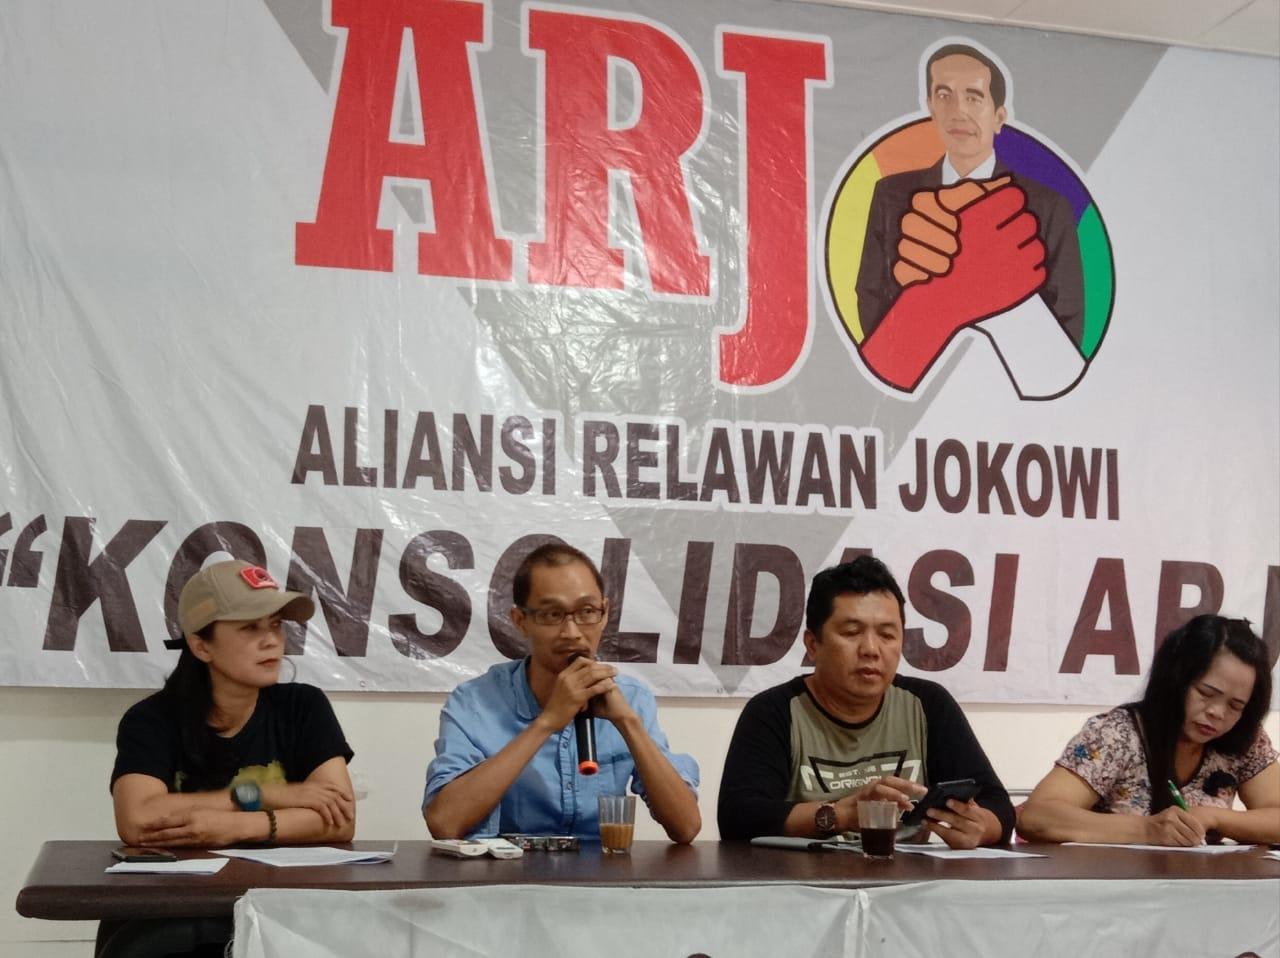 Rosyid Ajak Relawan Jokowi Se Indonesia Dirikan Rumah Ekonomi Rakyat